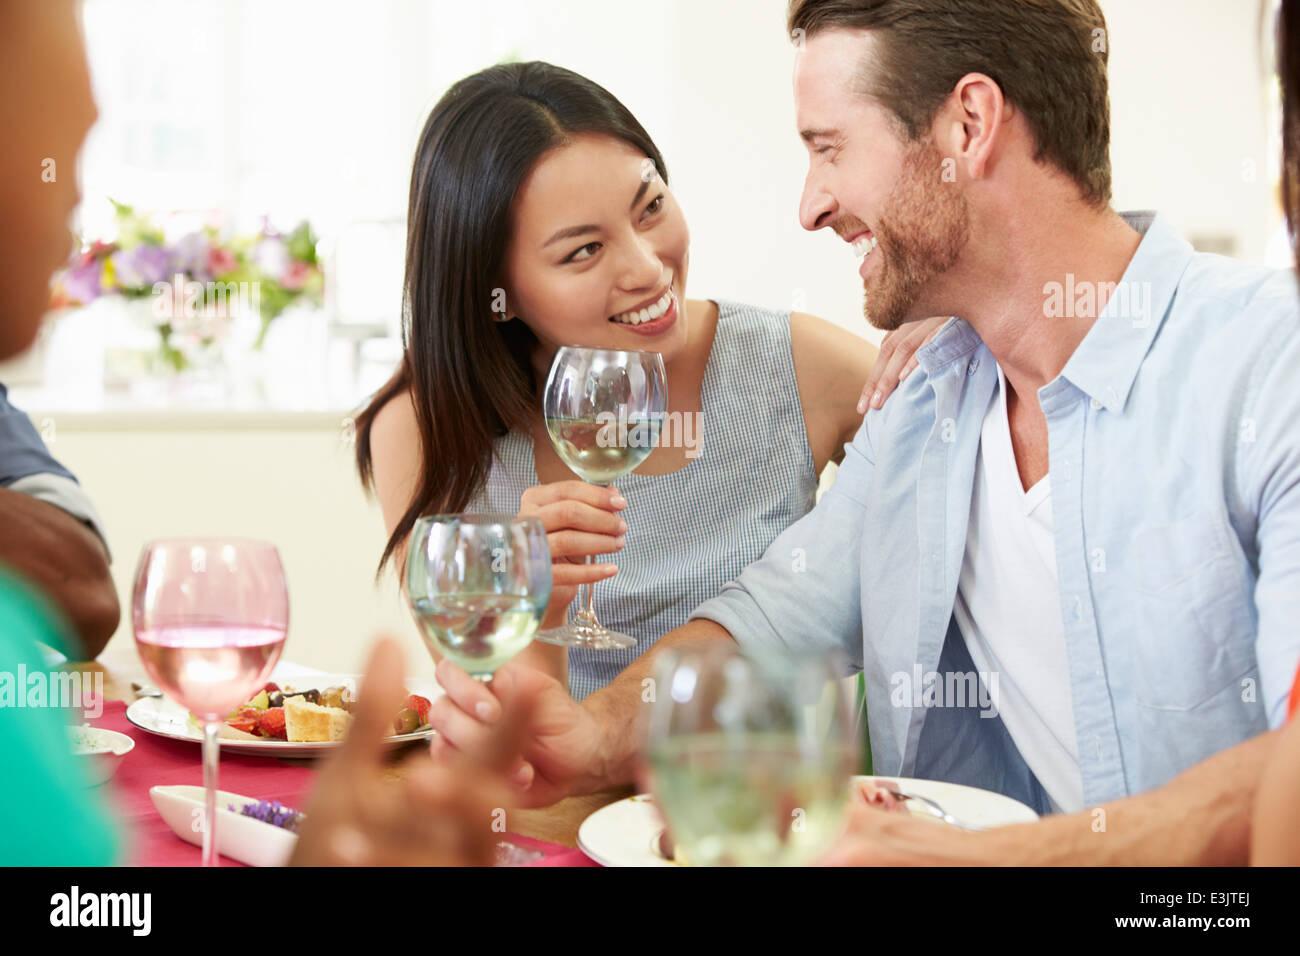 group dinner dating